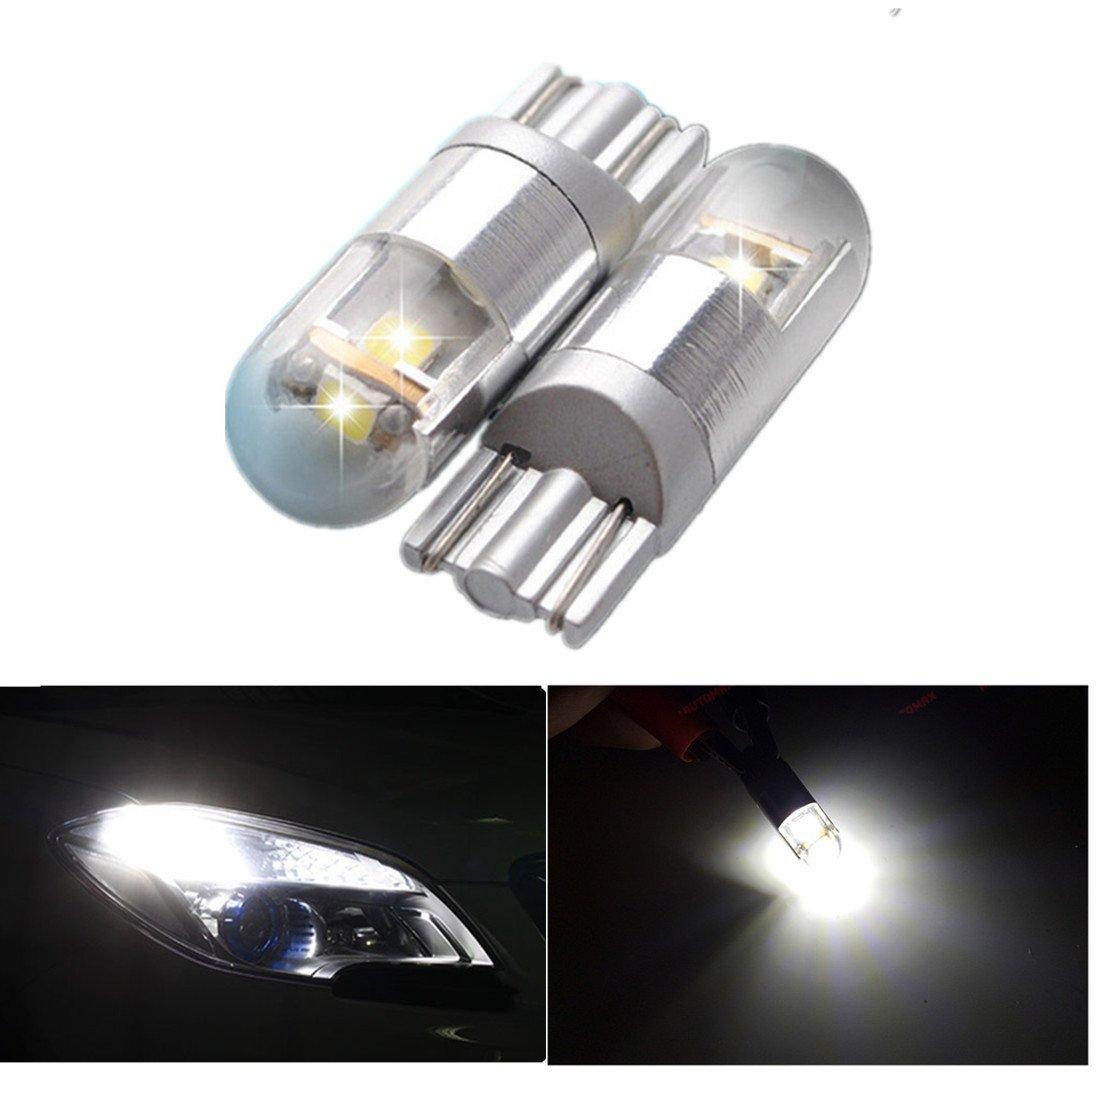 FEZZ 2pcs LED CANBUS delle lampadine T10 3030 3SMD Luci Piastra lampada auto Gioca Car interno Bianco FZ0029